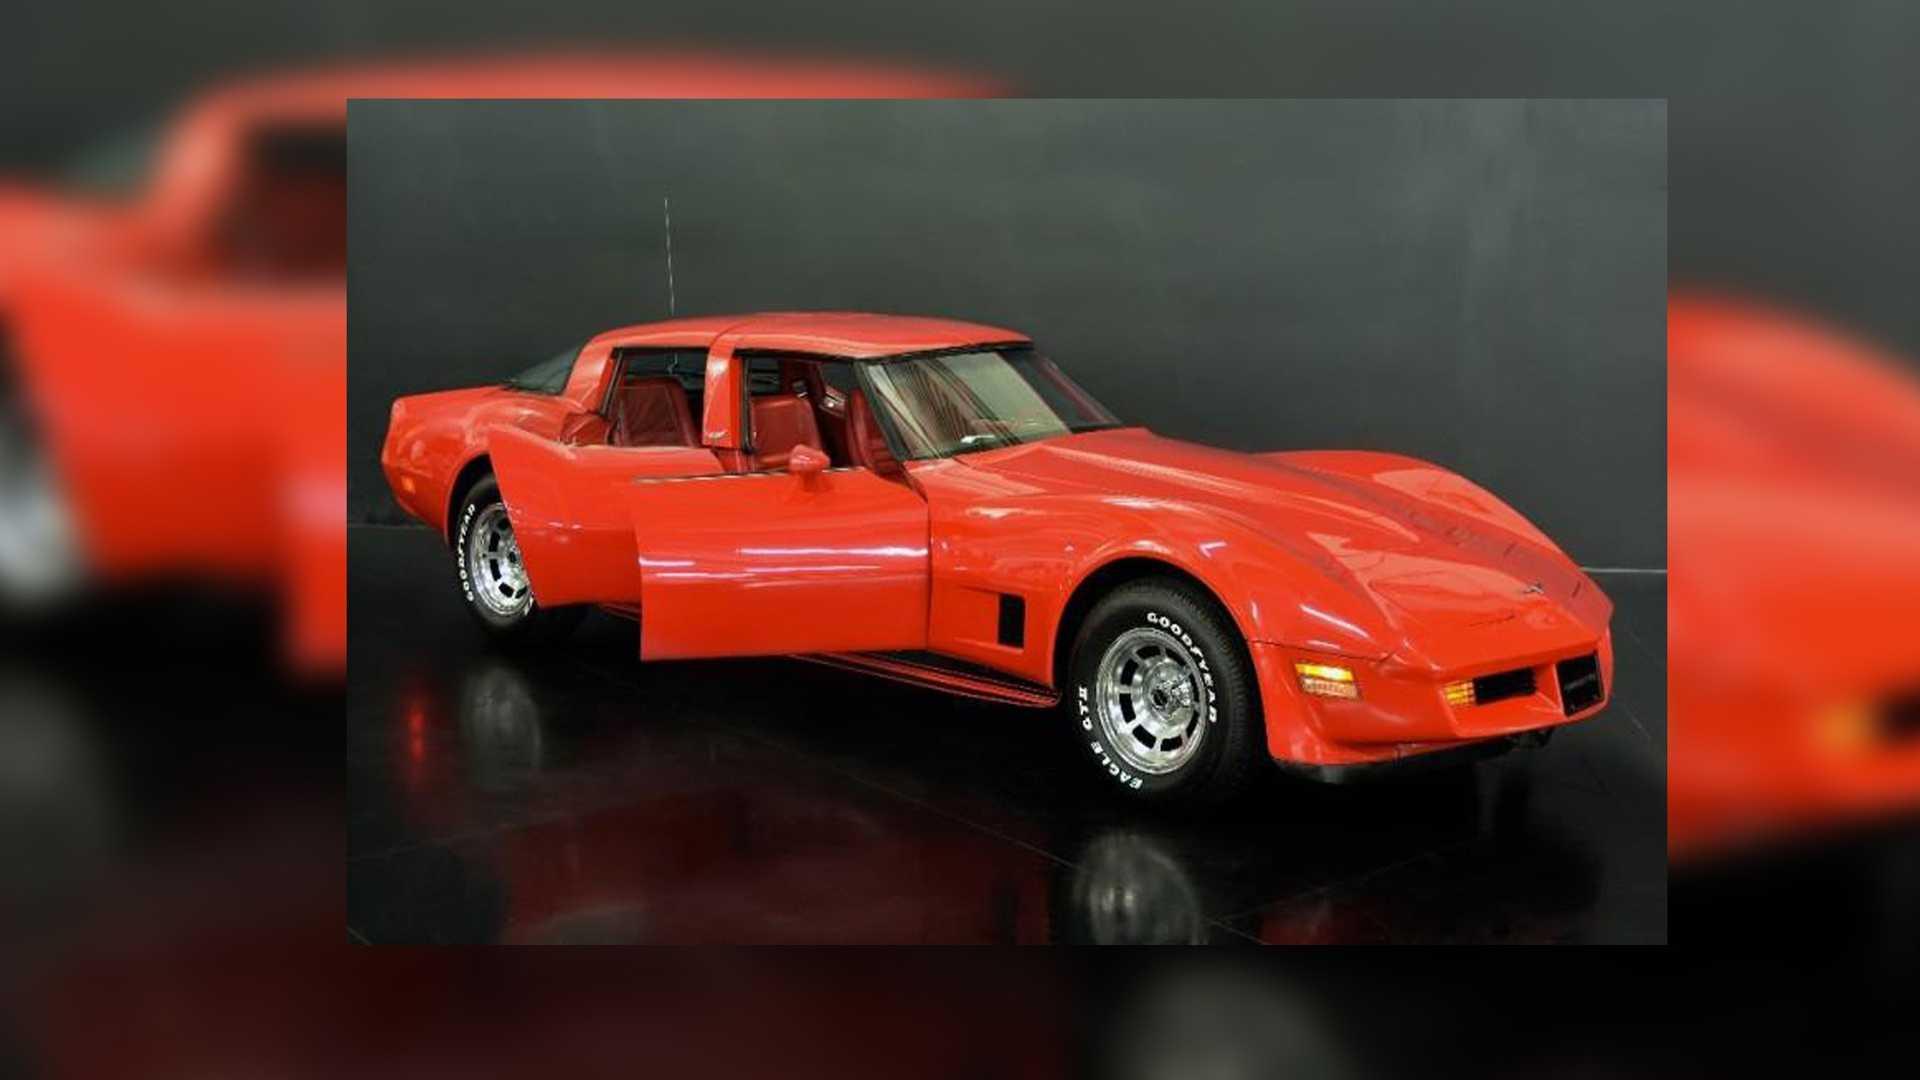 В одном из салонов Калифорнии на продажу выставлен четырехдверный Chevrolet Corvette 1980 года выпуска